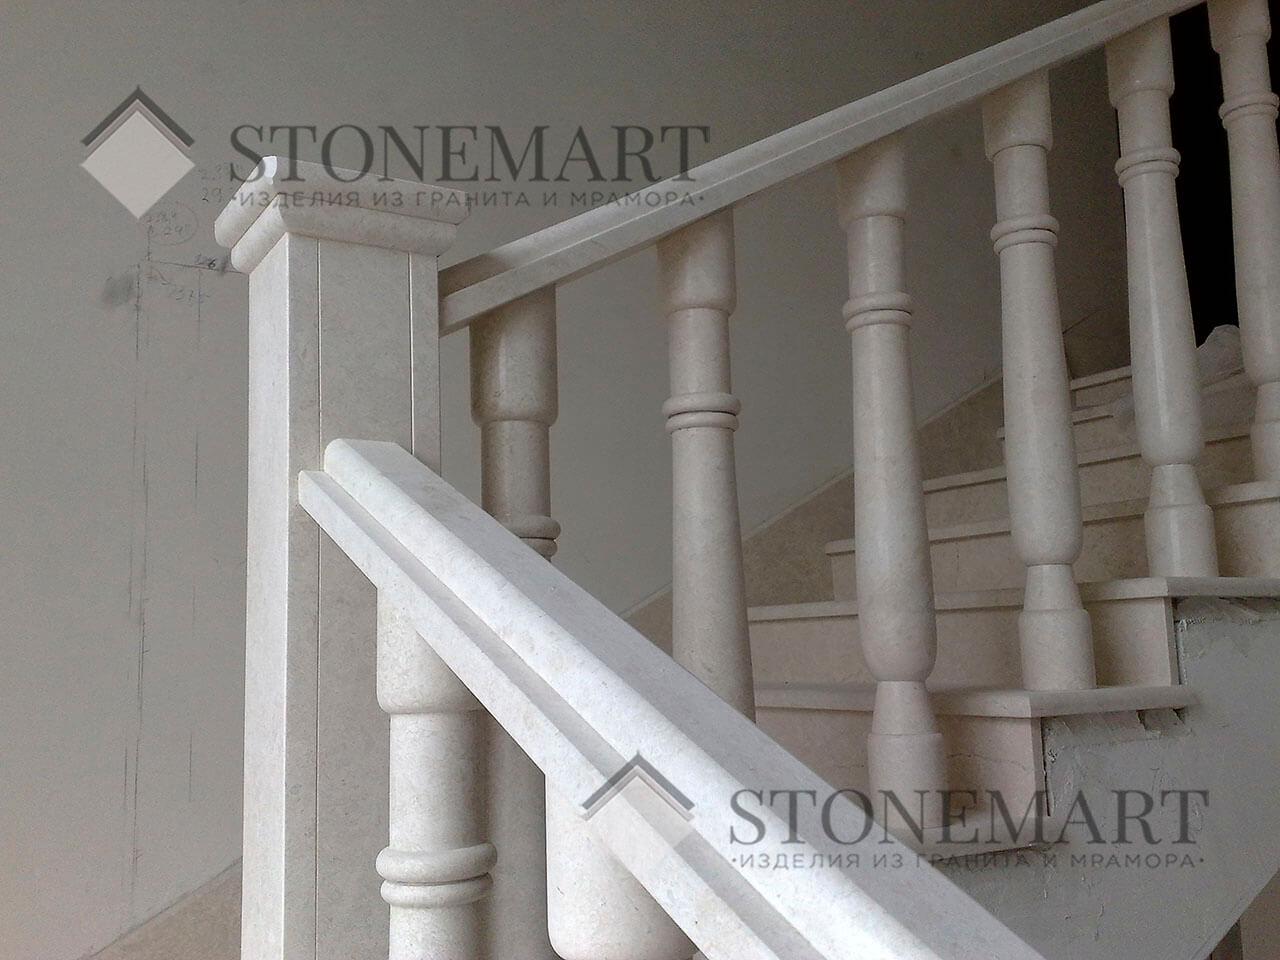 Балясины и перила из мрамора изготовлены и смонтированы мастерами компании Stonemart